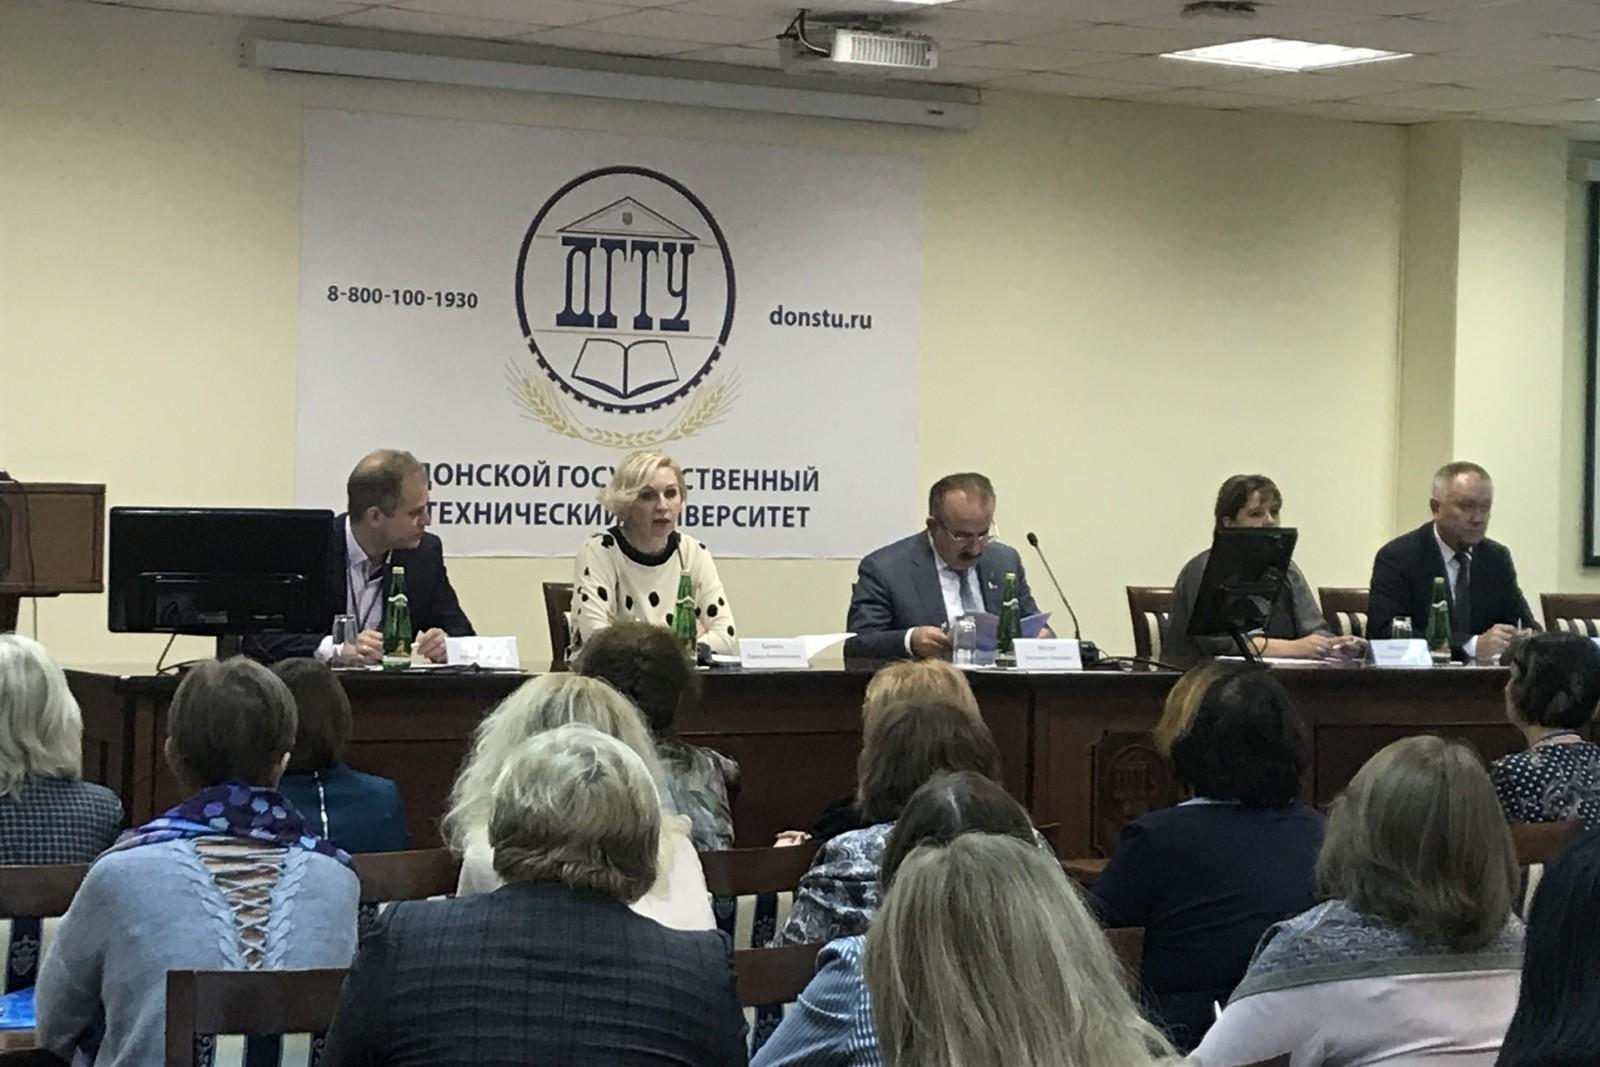 Всероссийский семинар, посвящённый особенностям развития детей-аутистов стартовал в Ростове-на-Дону